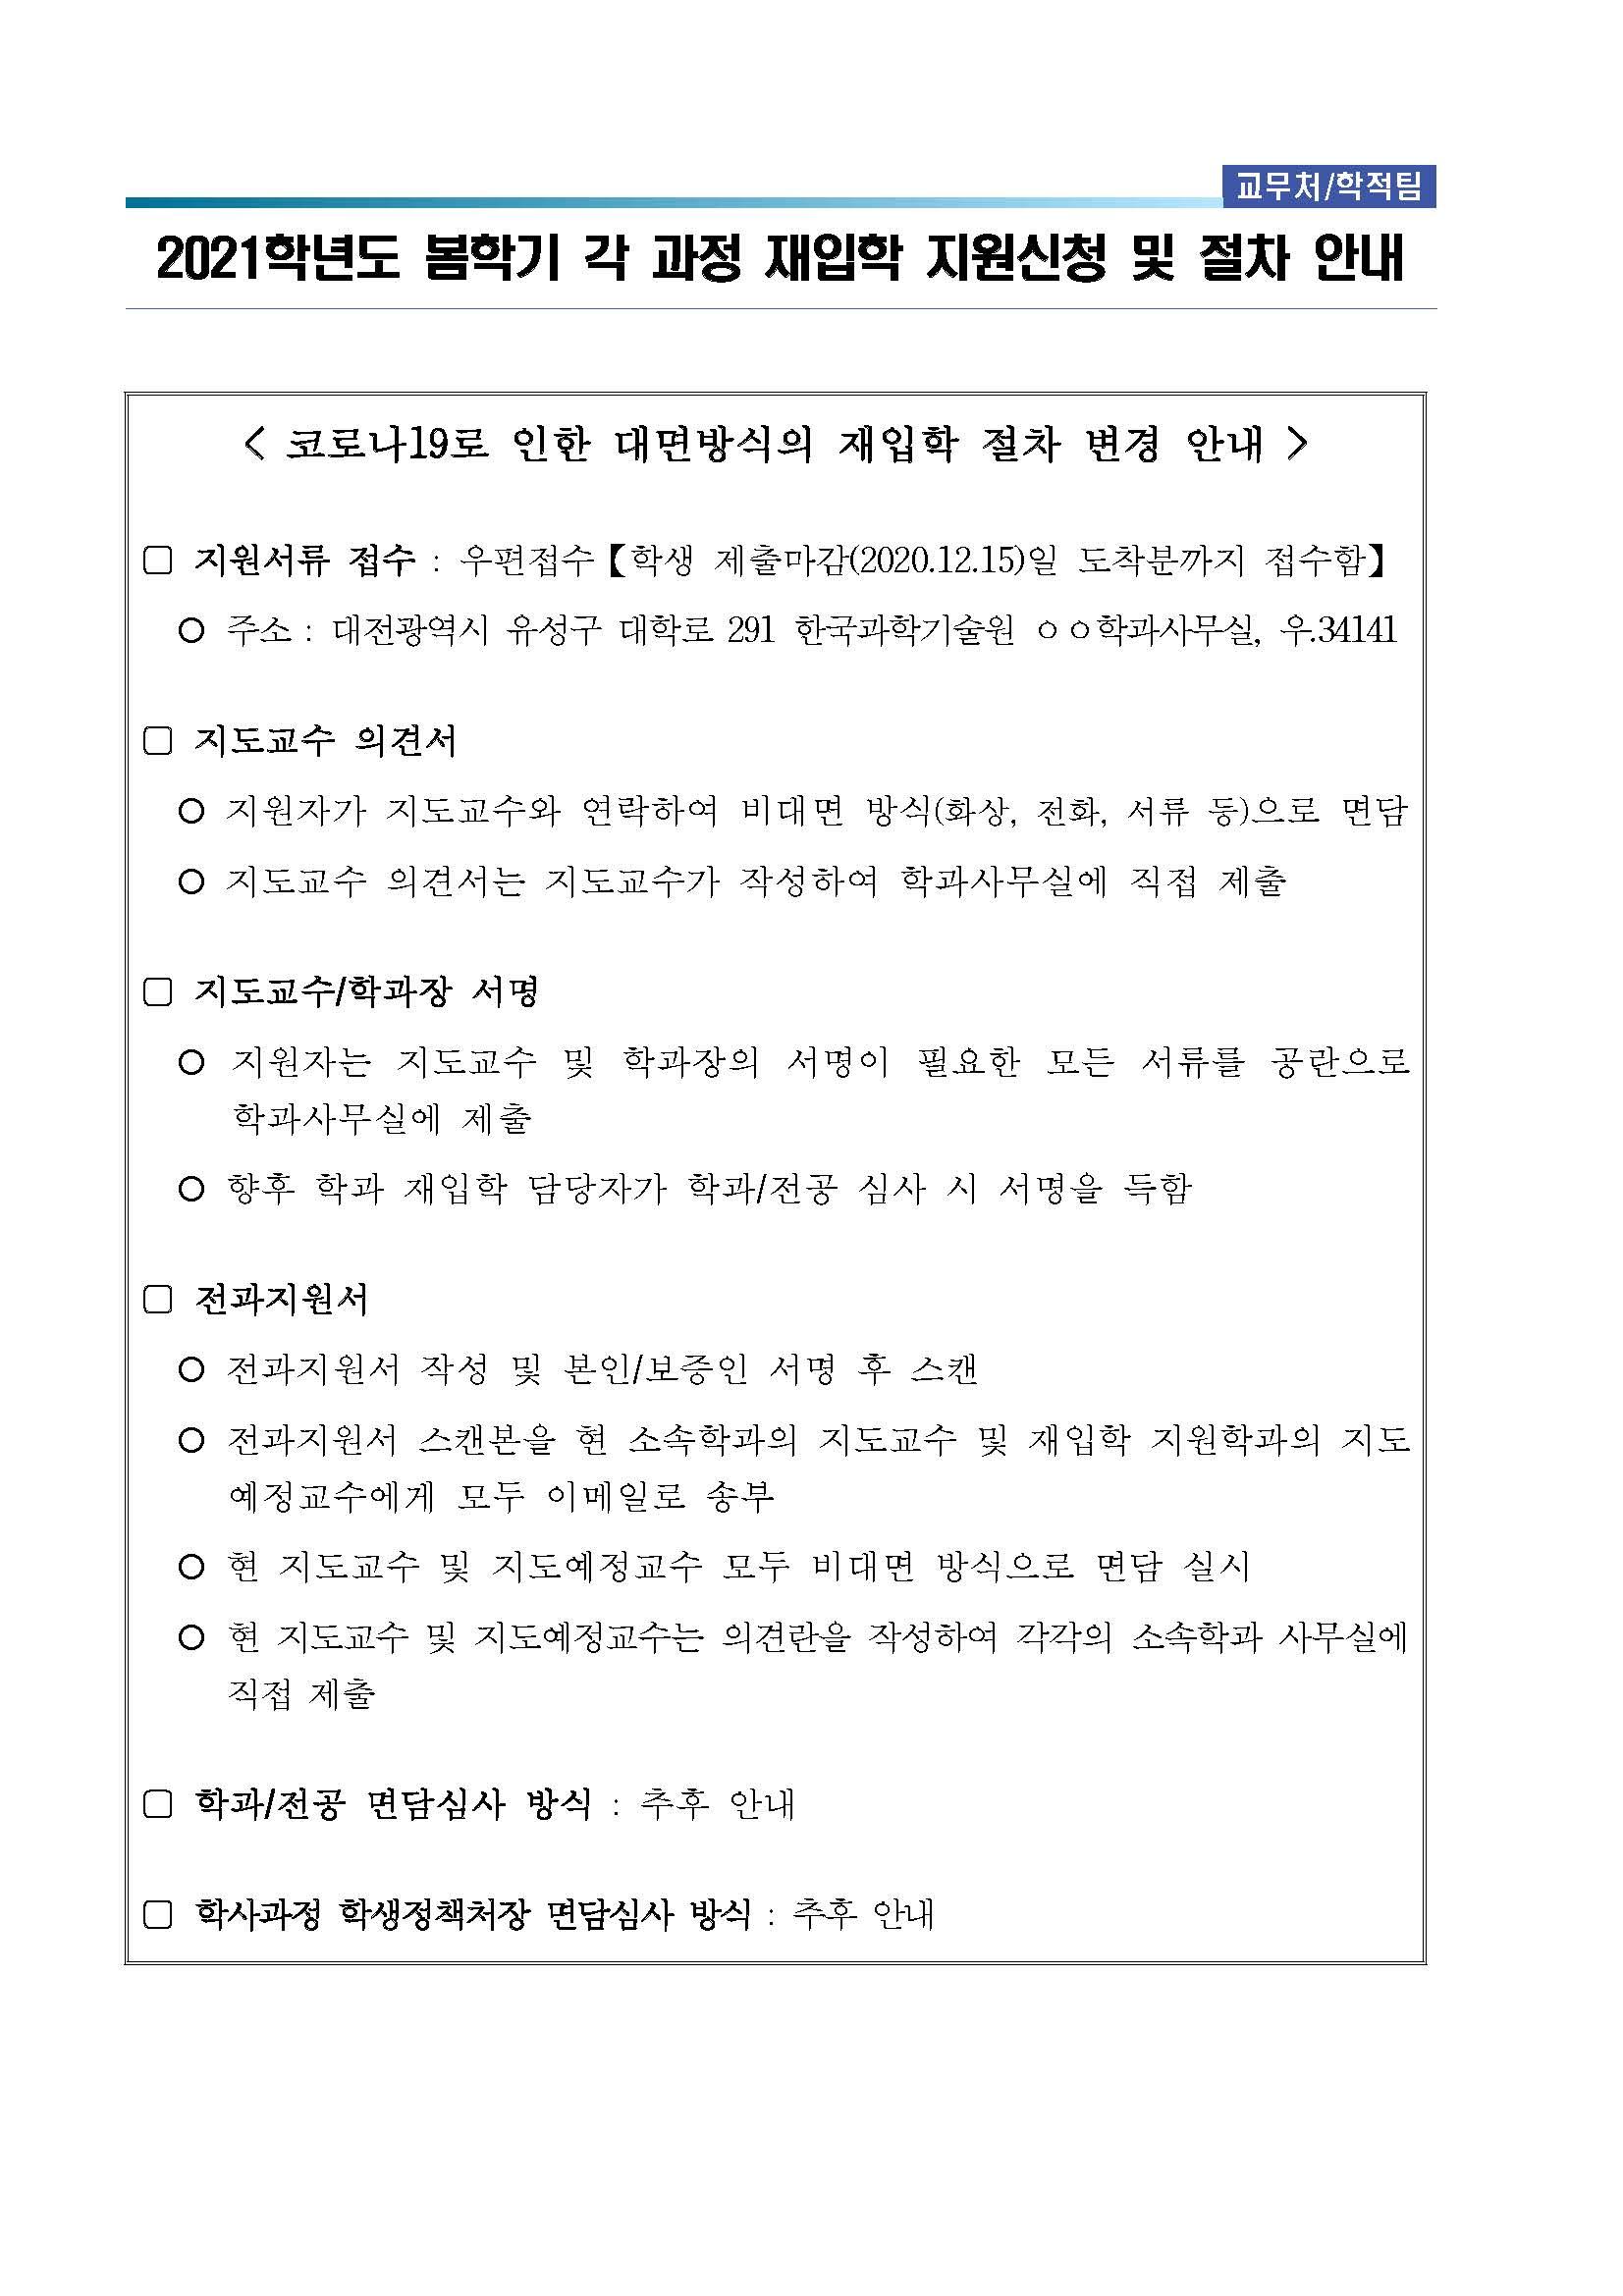 2021학년도 봄학기 각 과정 재입학지원 안내_페이지_1.jpg